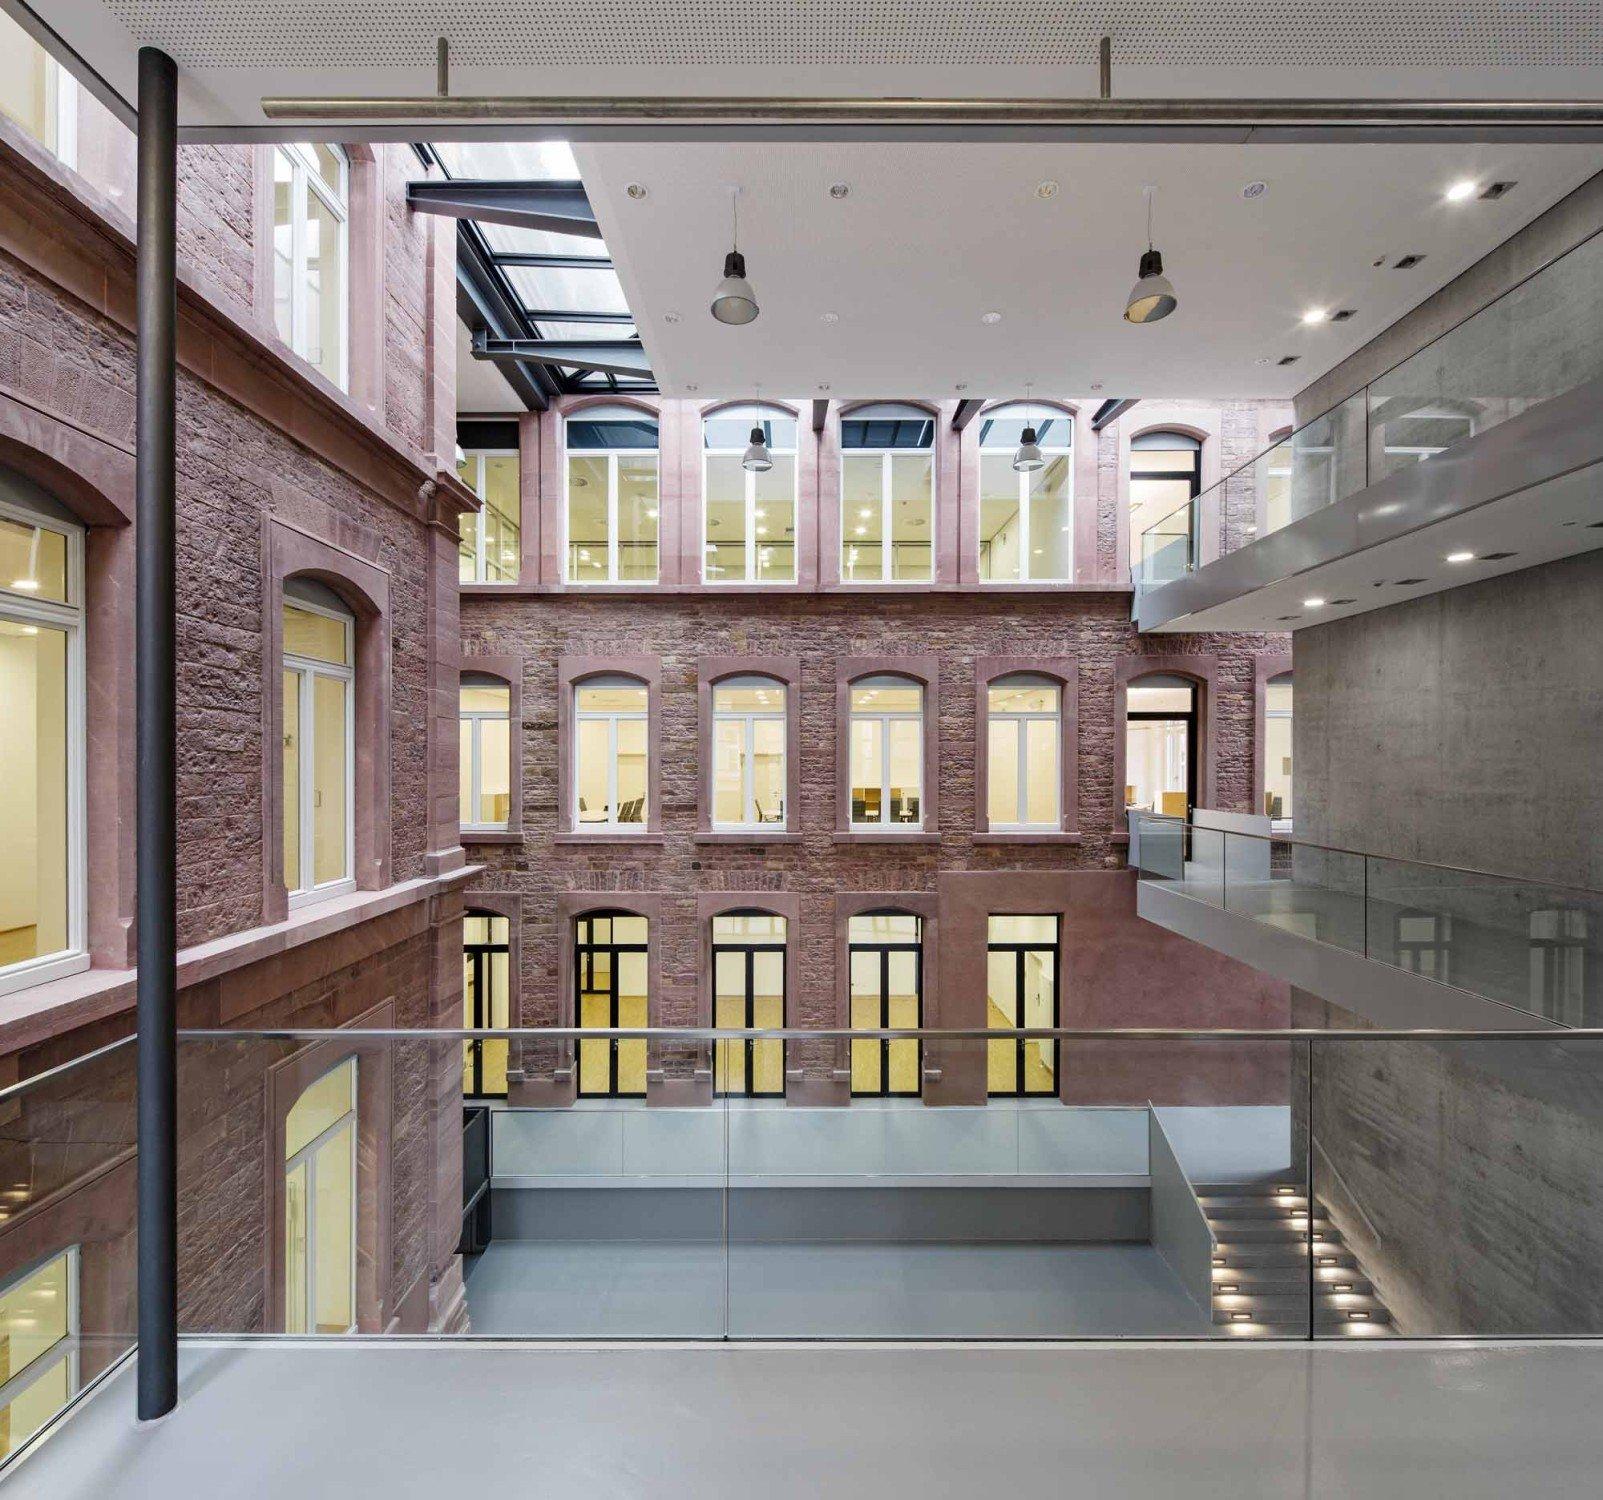 Pr Sidium Des Karlsruher Instituts F R Technologie Kit